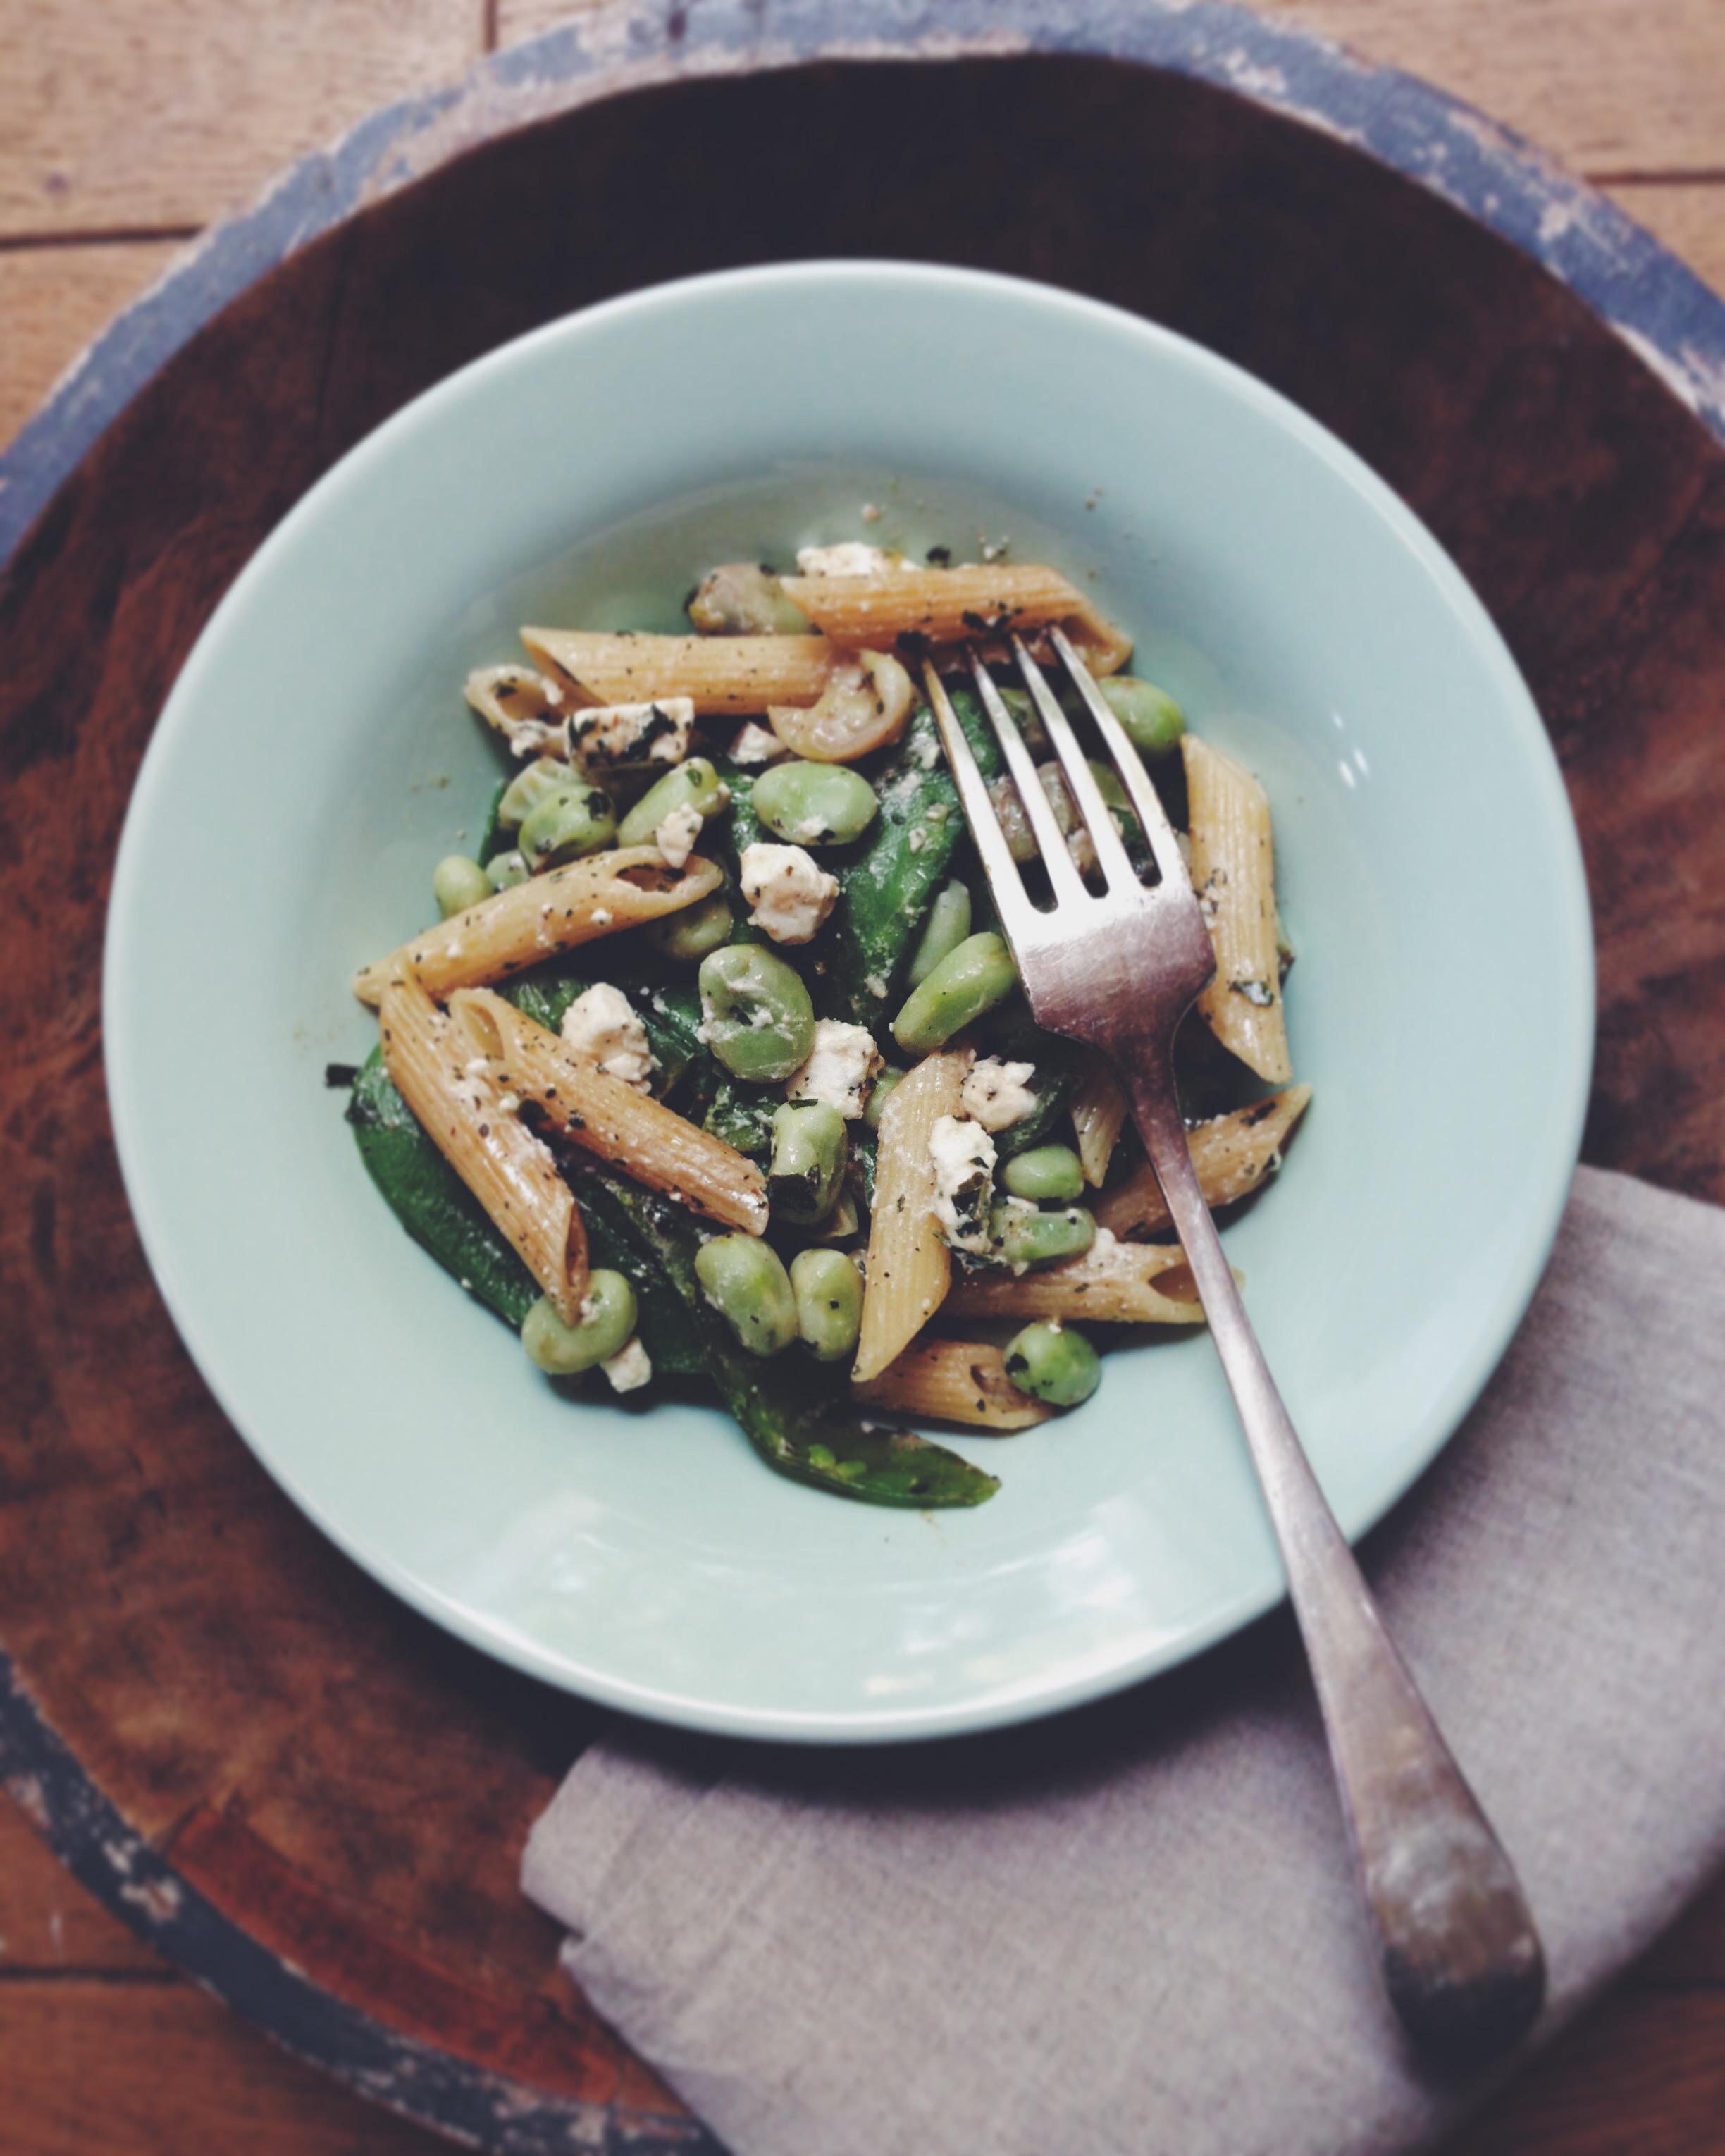 Salade de pâtes aux fèves - Juliette Lalbaltry